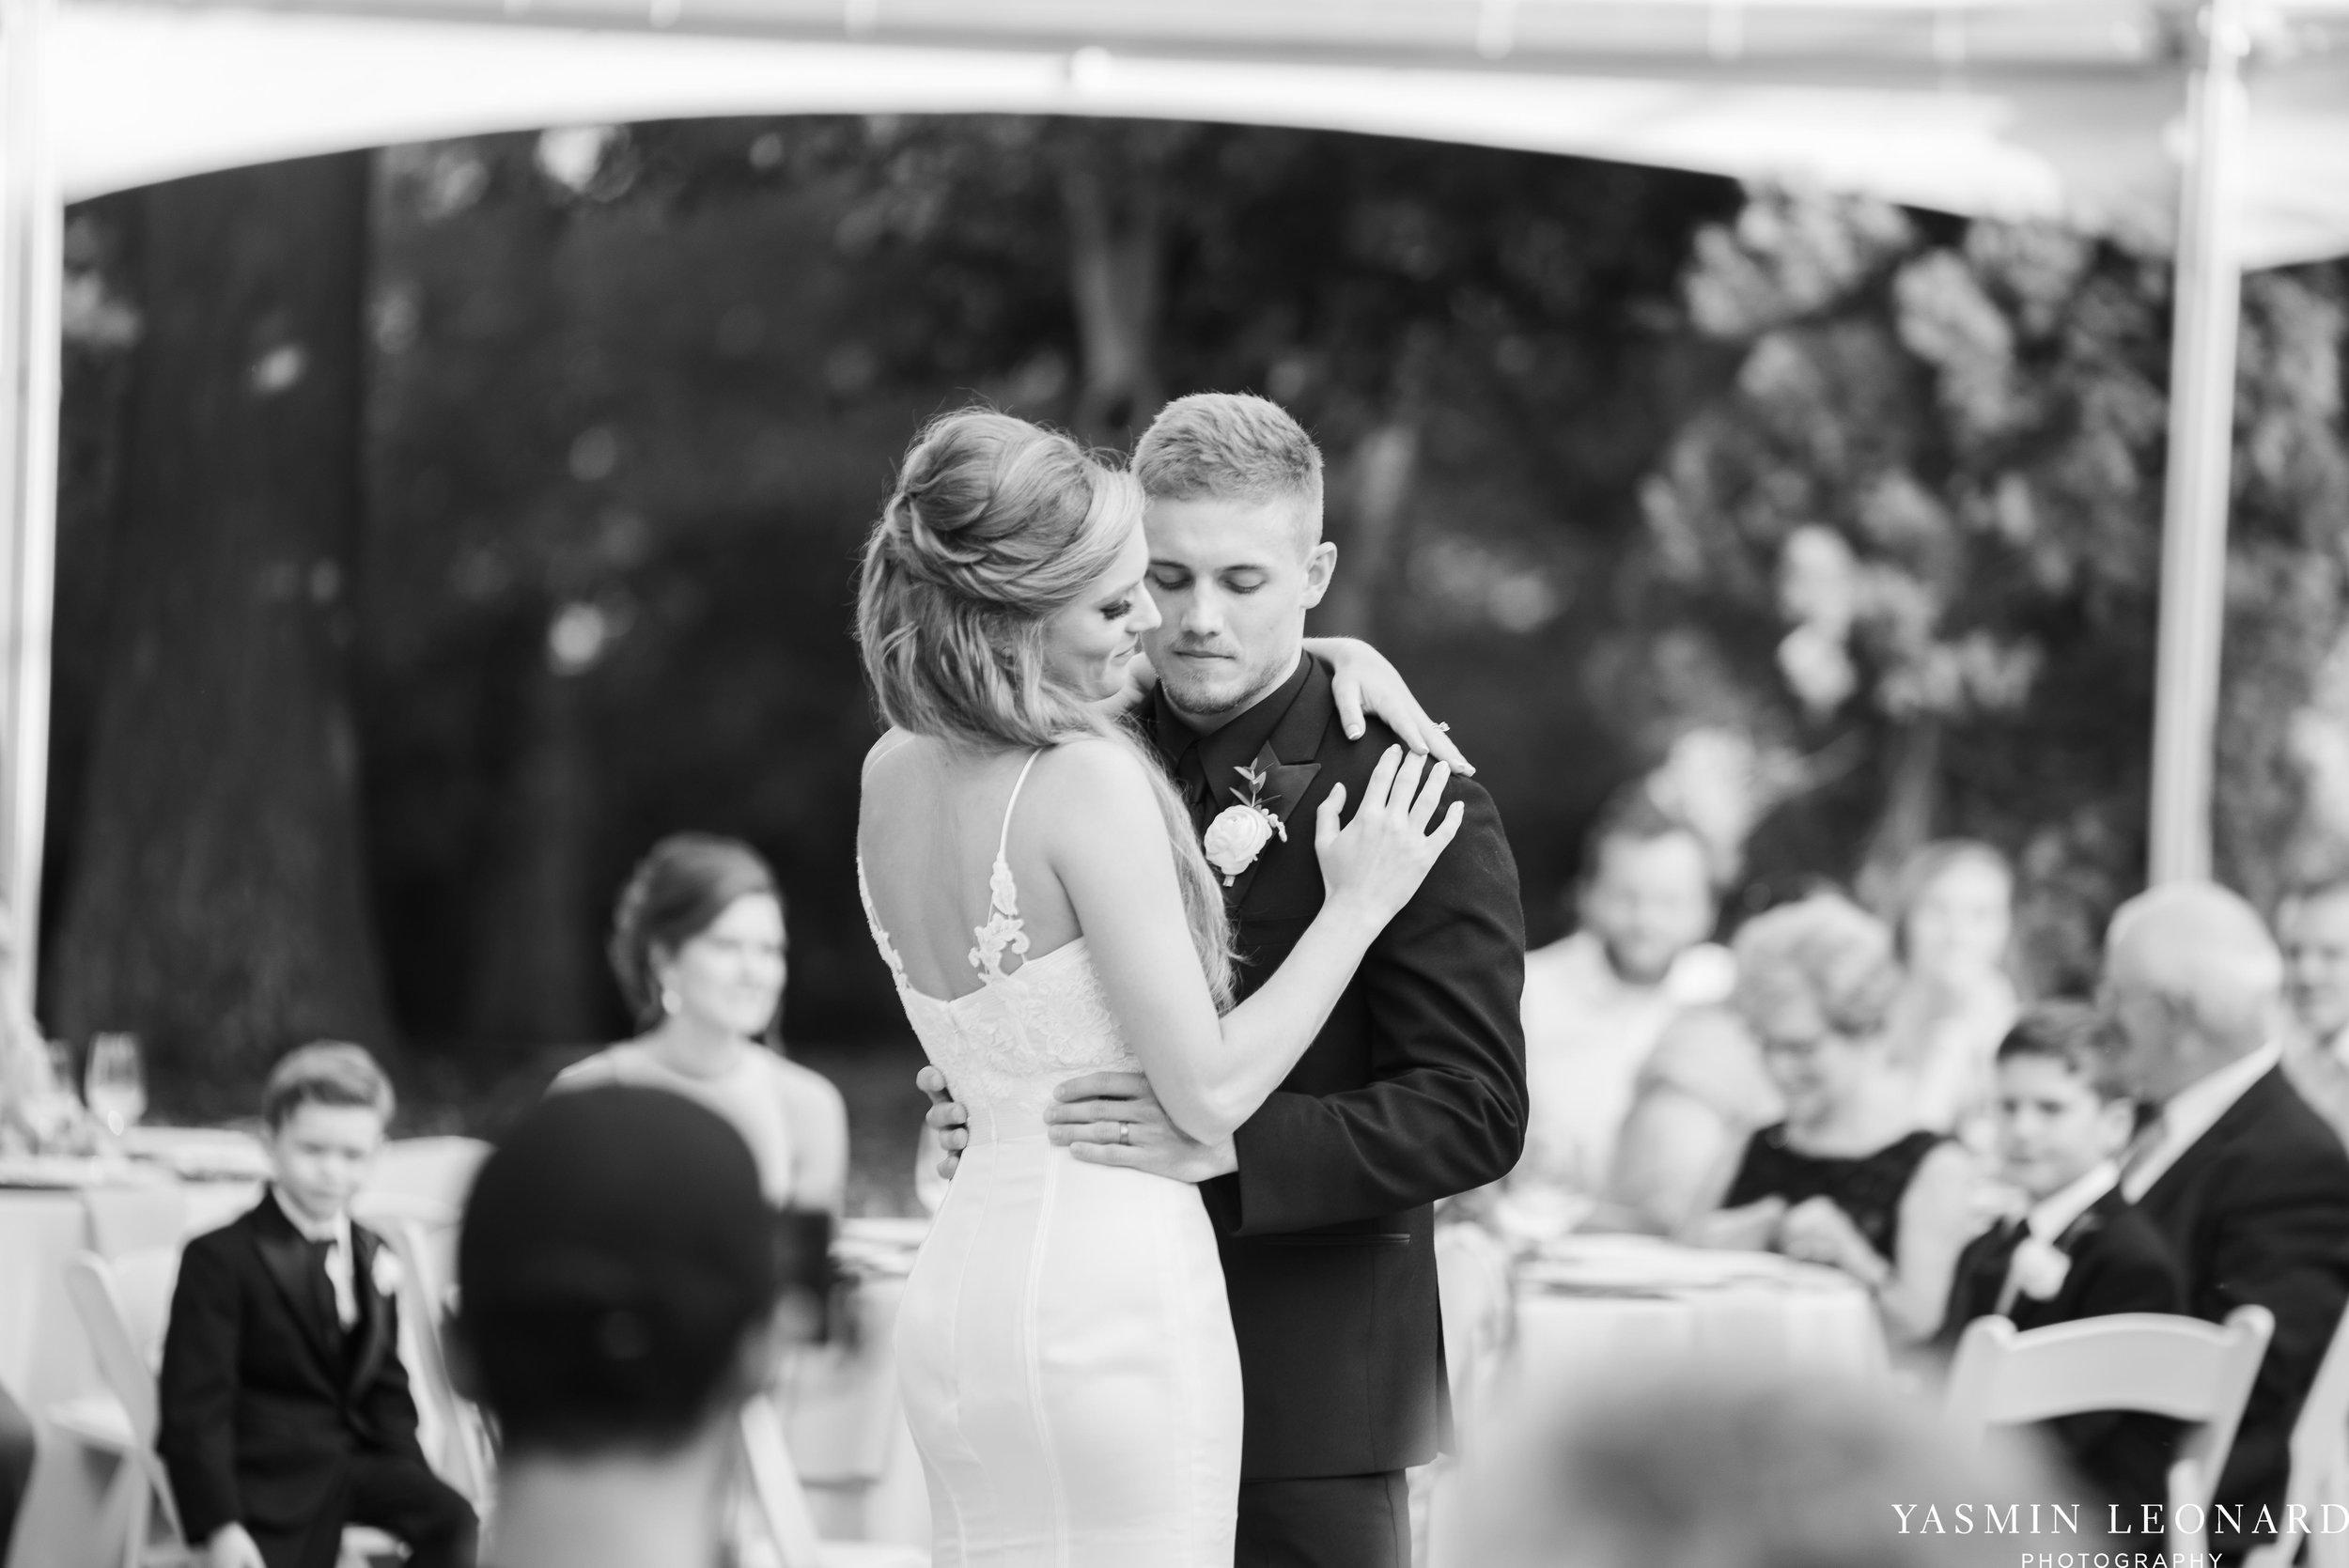 Boxwood Estate - Boxwood Estate Wedding - Luxury Wedding - Black and White Wedding - NC Wedding Venues - NC Weddings - NC Photographer - Lantern Release Grand Exit - Large Wedding Party - Yasmin Leonard Photography-55.jpg